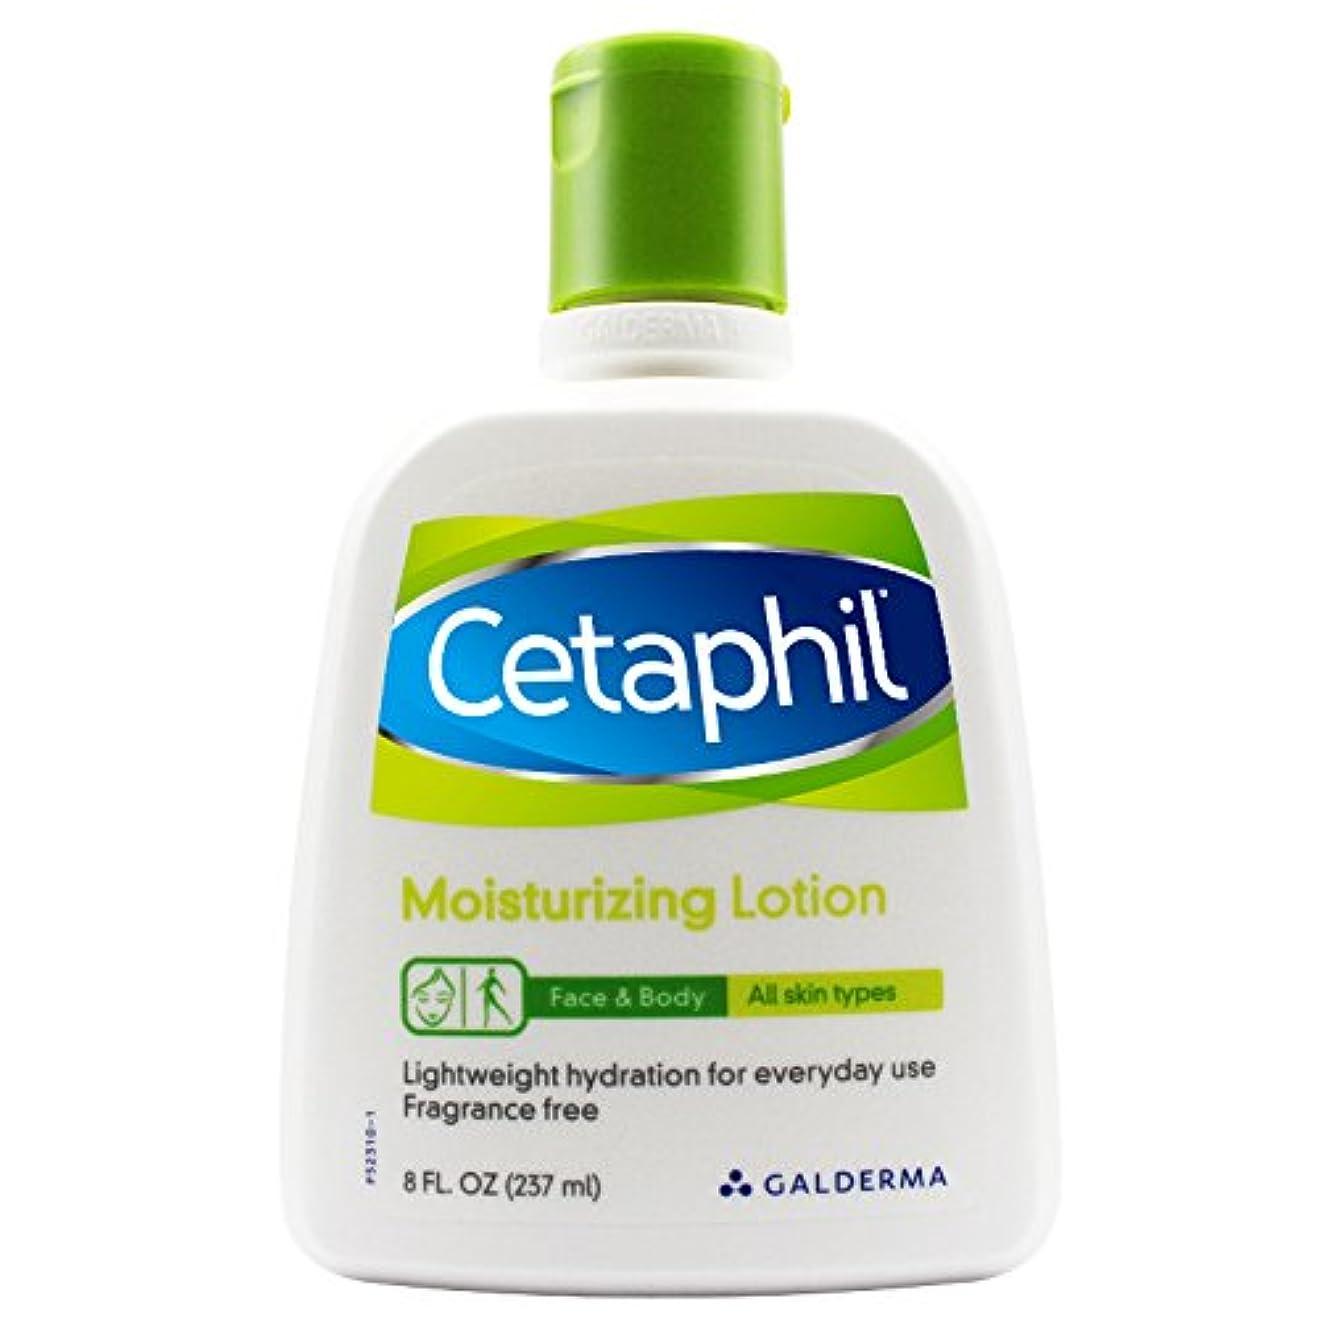 応援する連続した公爵Cetaphil Moisturizing Lotion For All Skin Types 235 ml Lotion